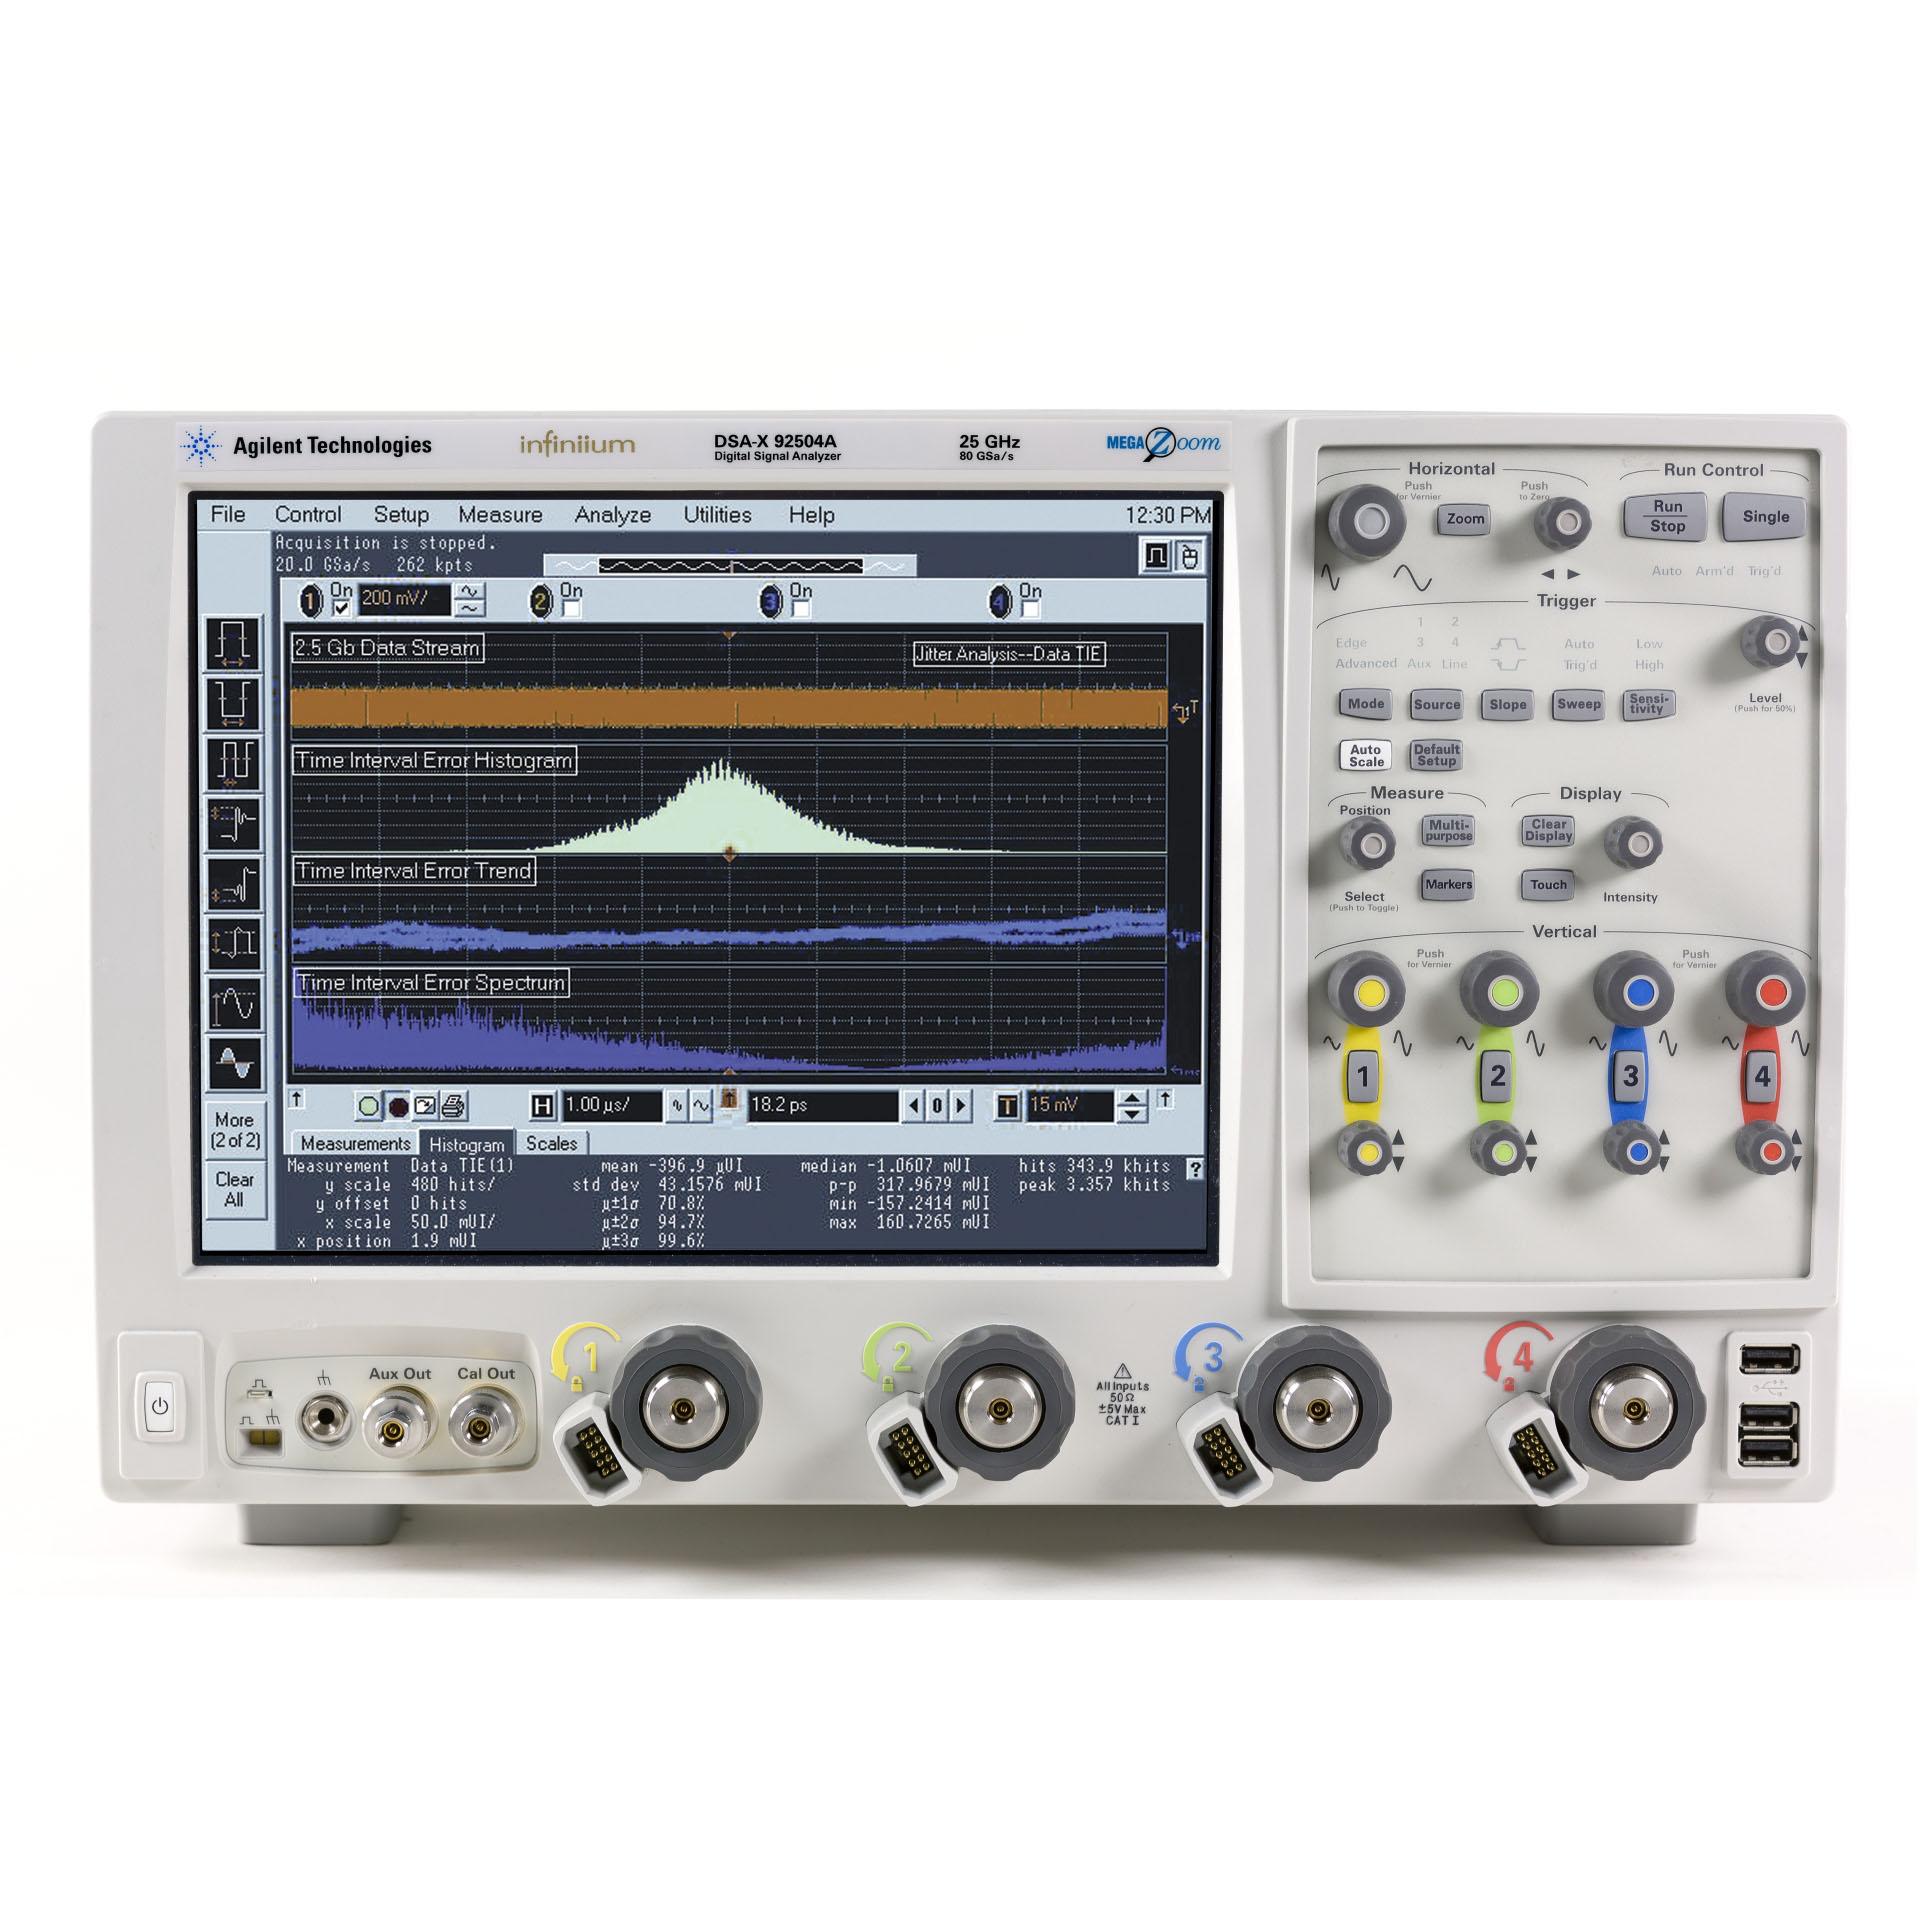 DSAX92504A/009,012,014,021,040,048,808,N5416A-1FP,N5430A,N8831A-002,U7231B-1NL デジタルオシロスコープ